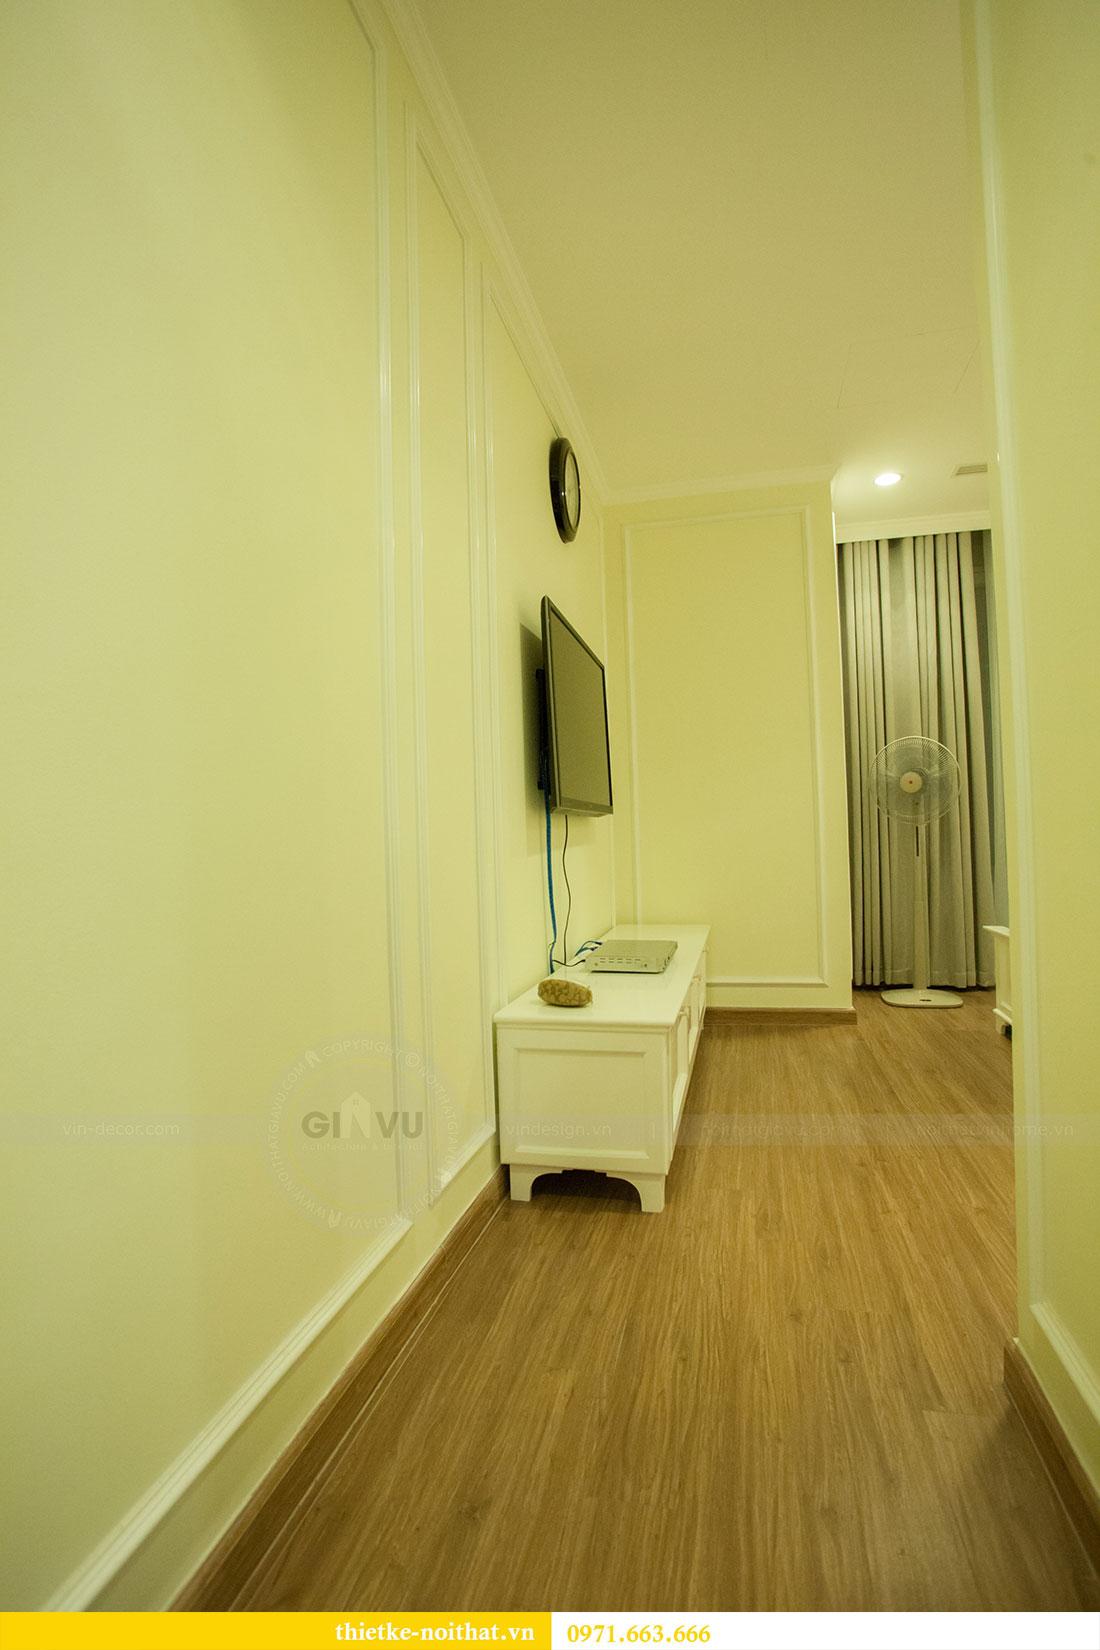 Thi công nội thất chung cư Park Hill căn 01 park 8 - Bác Nhất 15